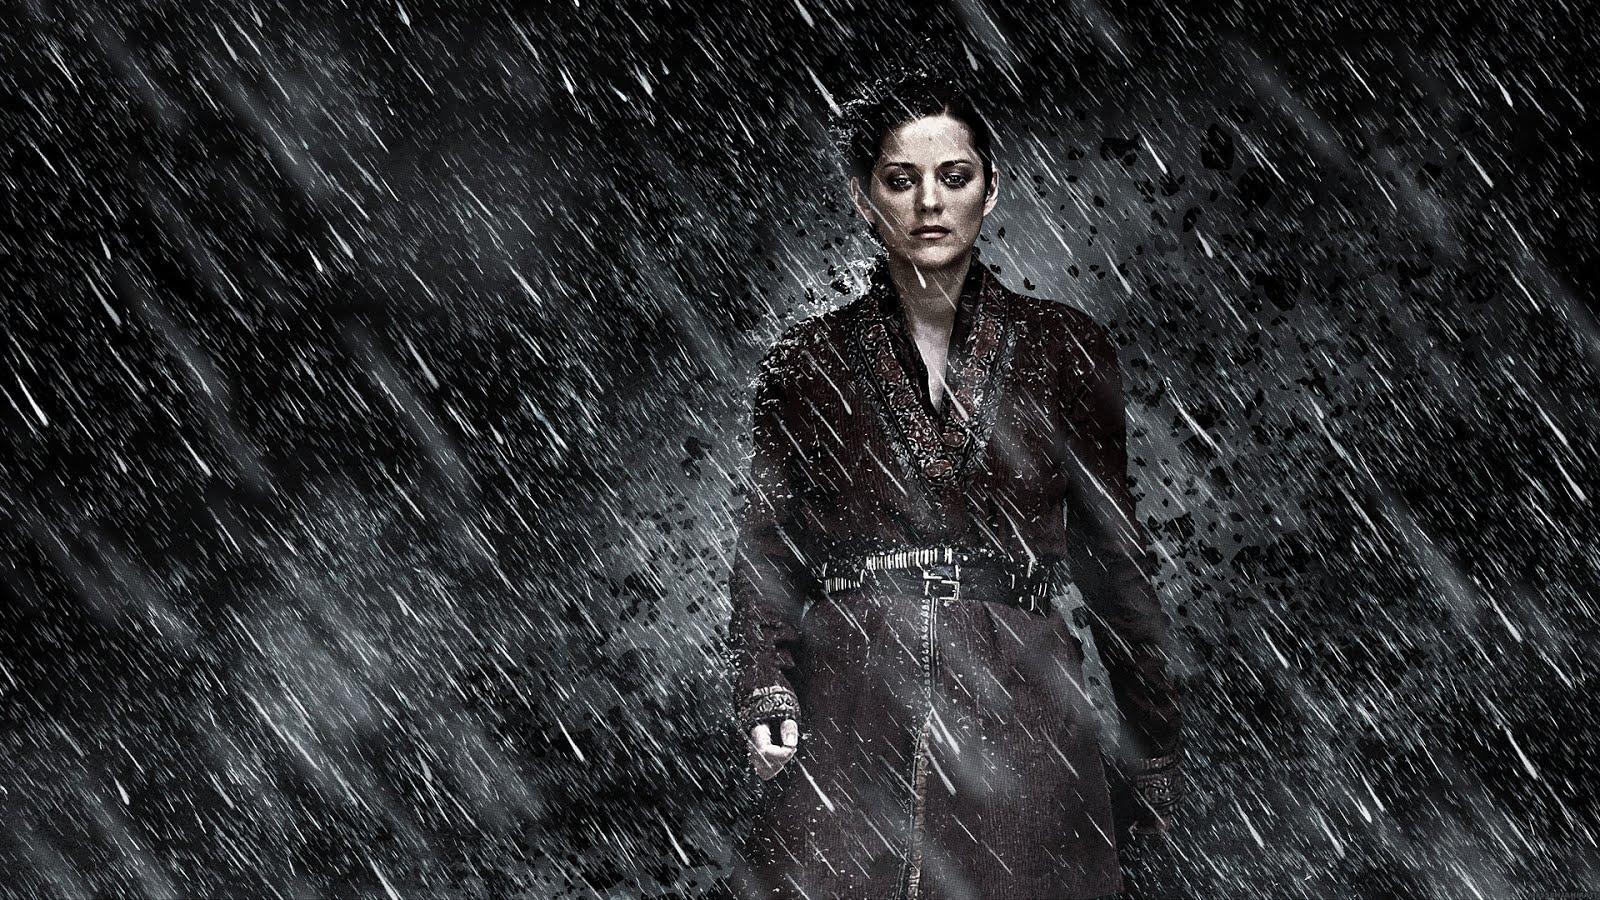 Talia al ghul dark knight rises